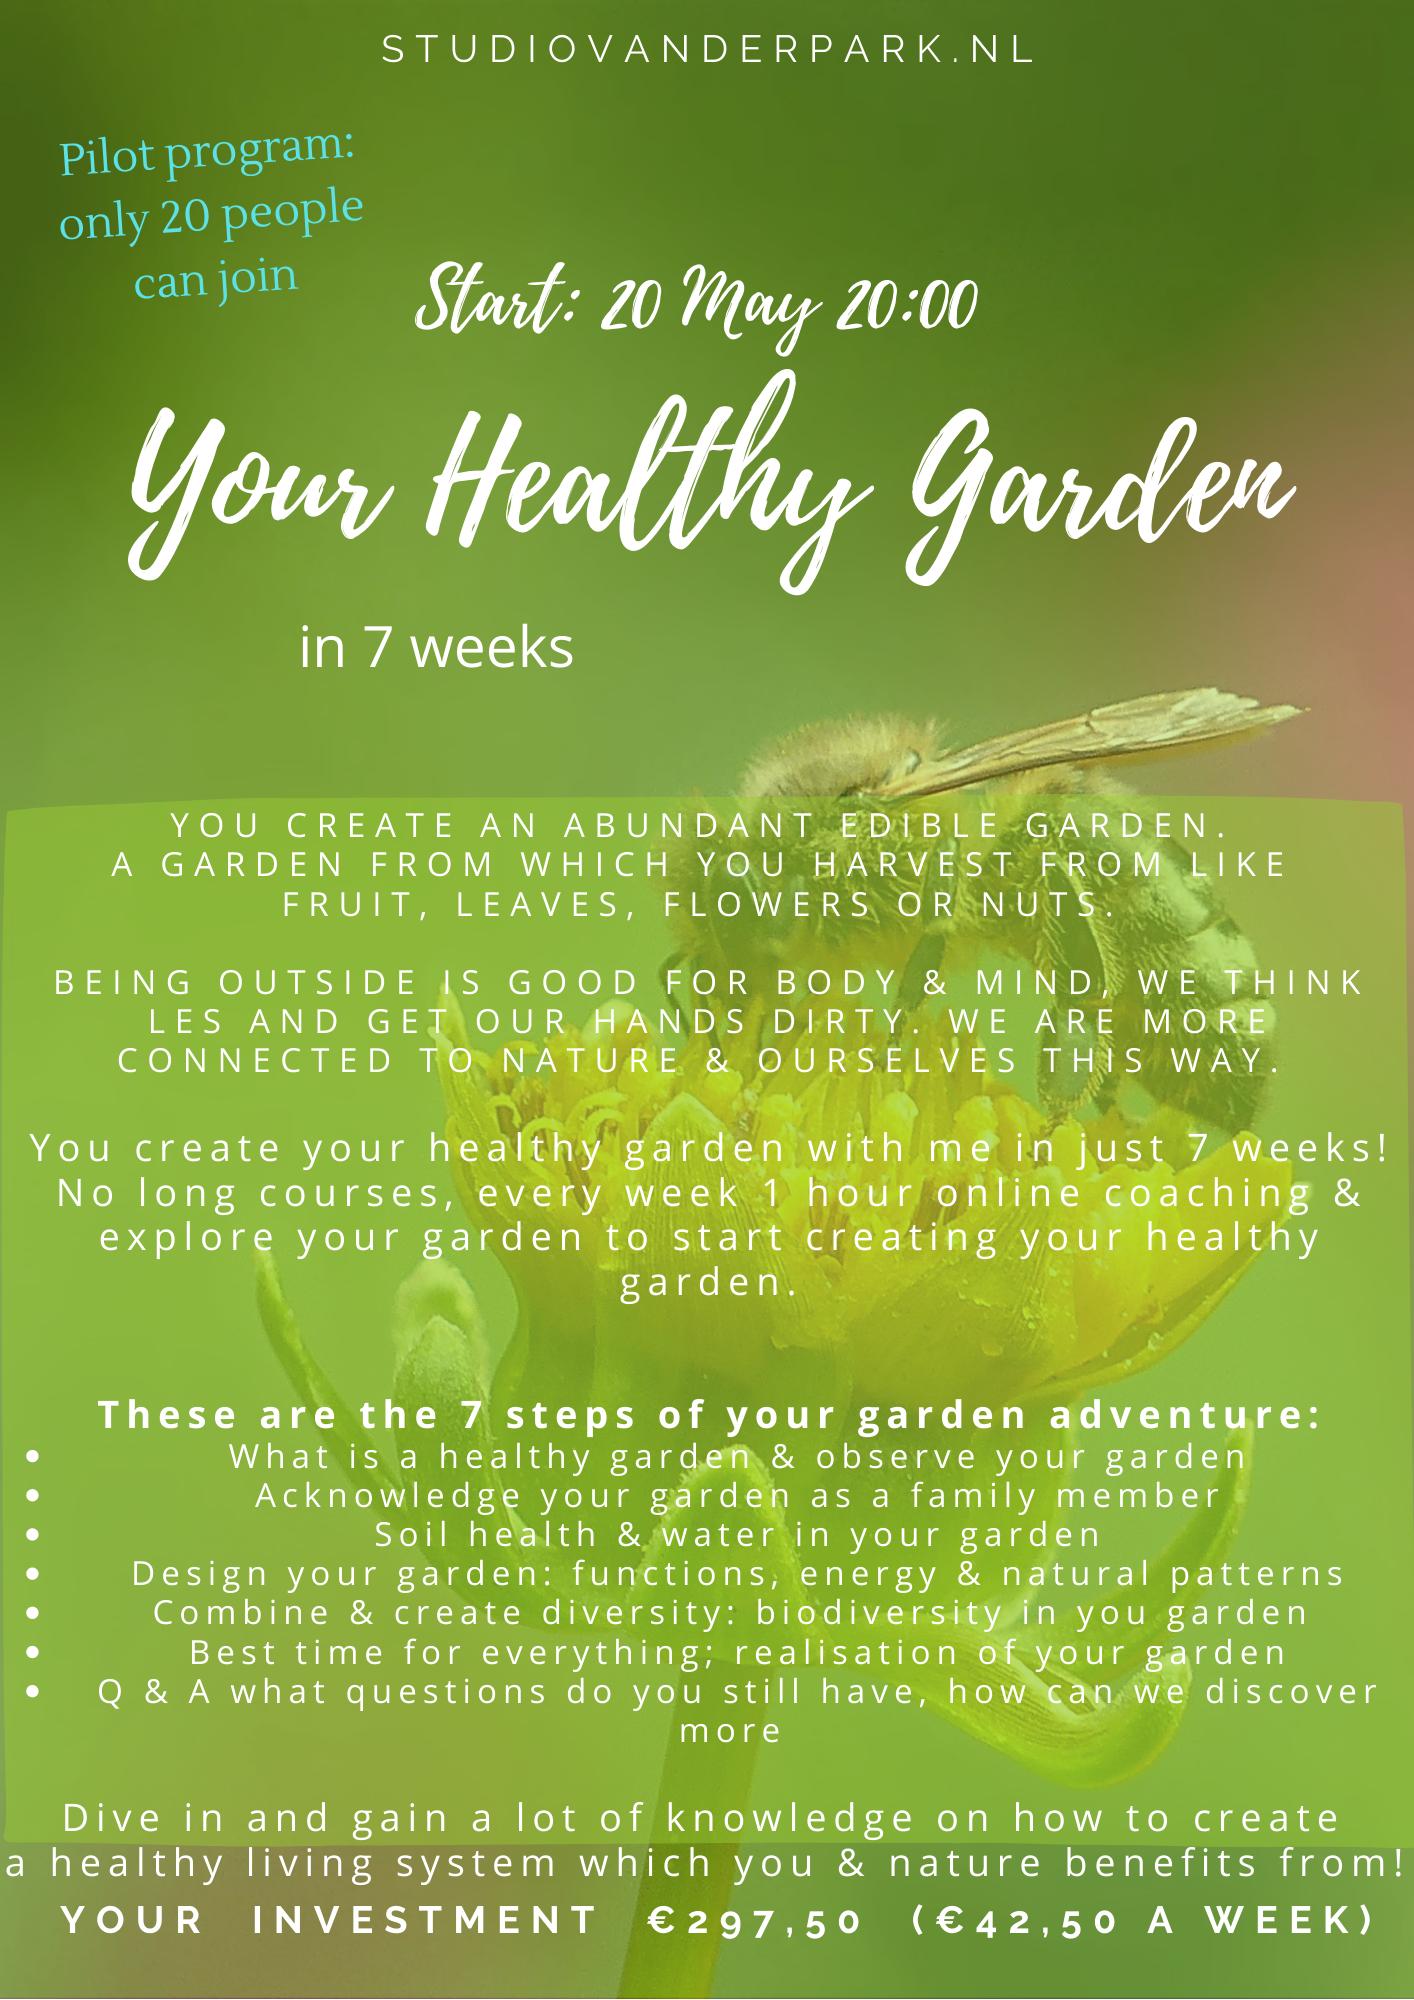 Your healthy garden